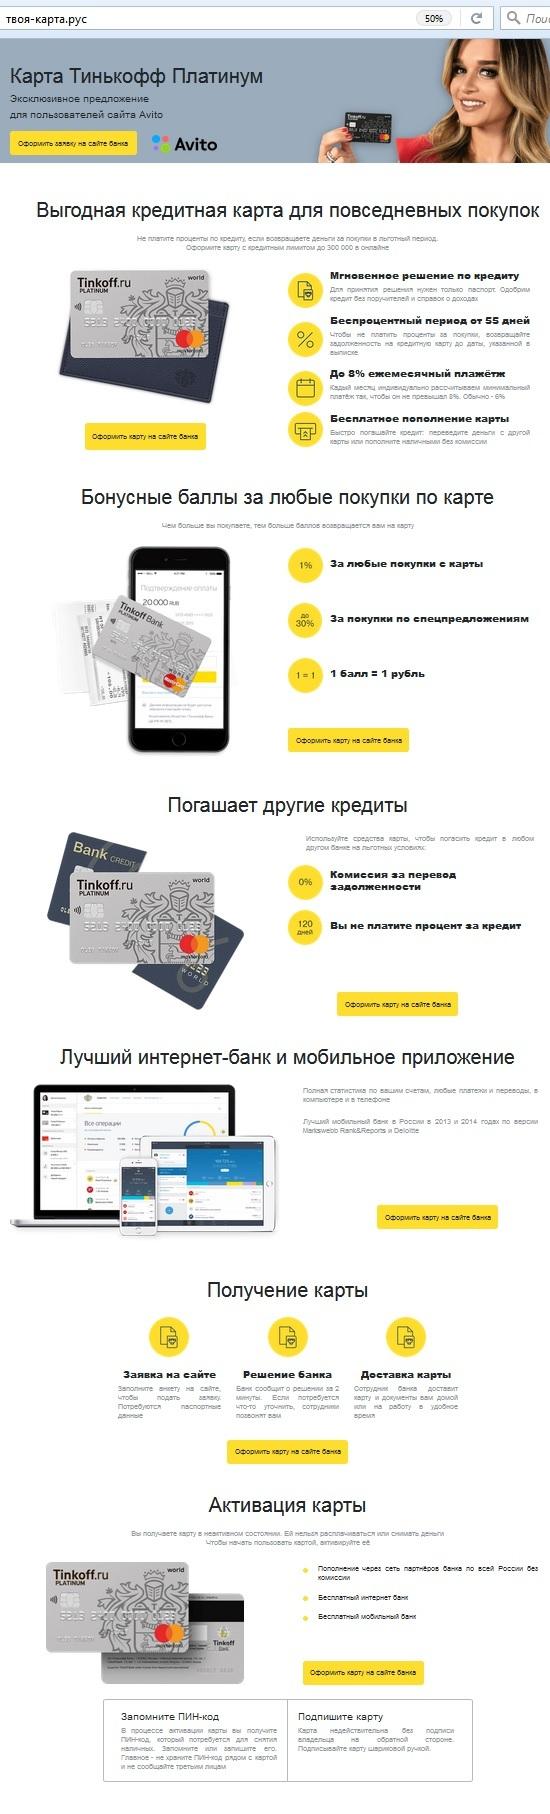 кредит на любую карту онлайн срочно нашем сайте затем последует смс с решением по данному вопросу